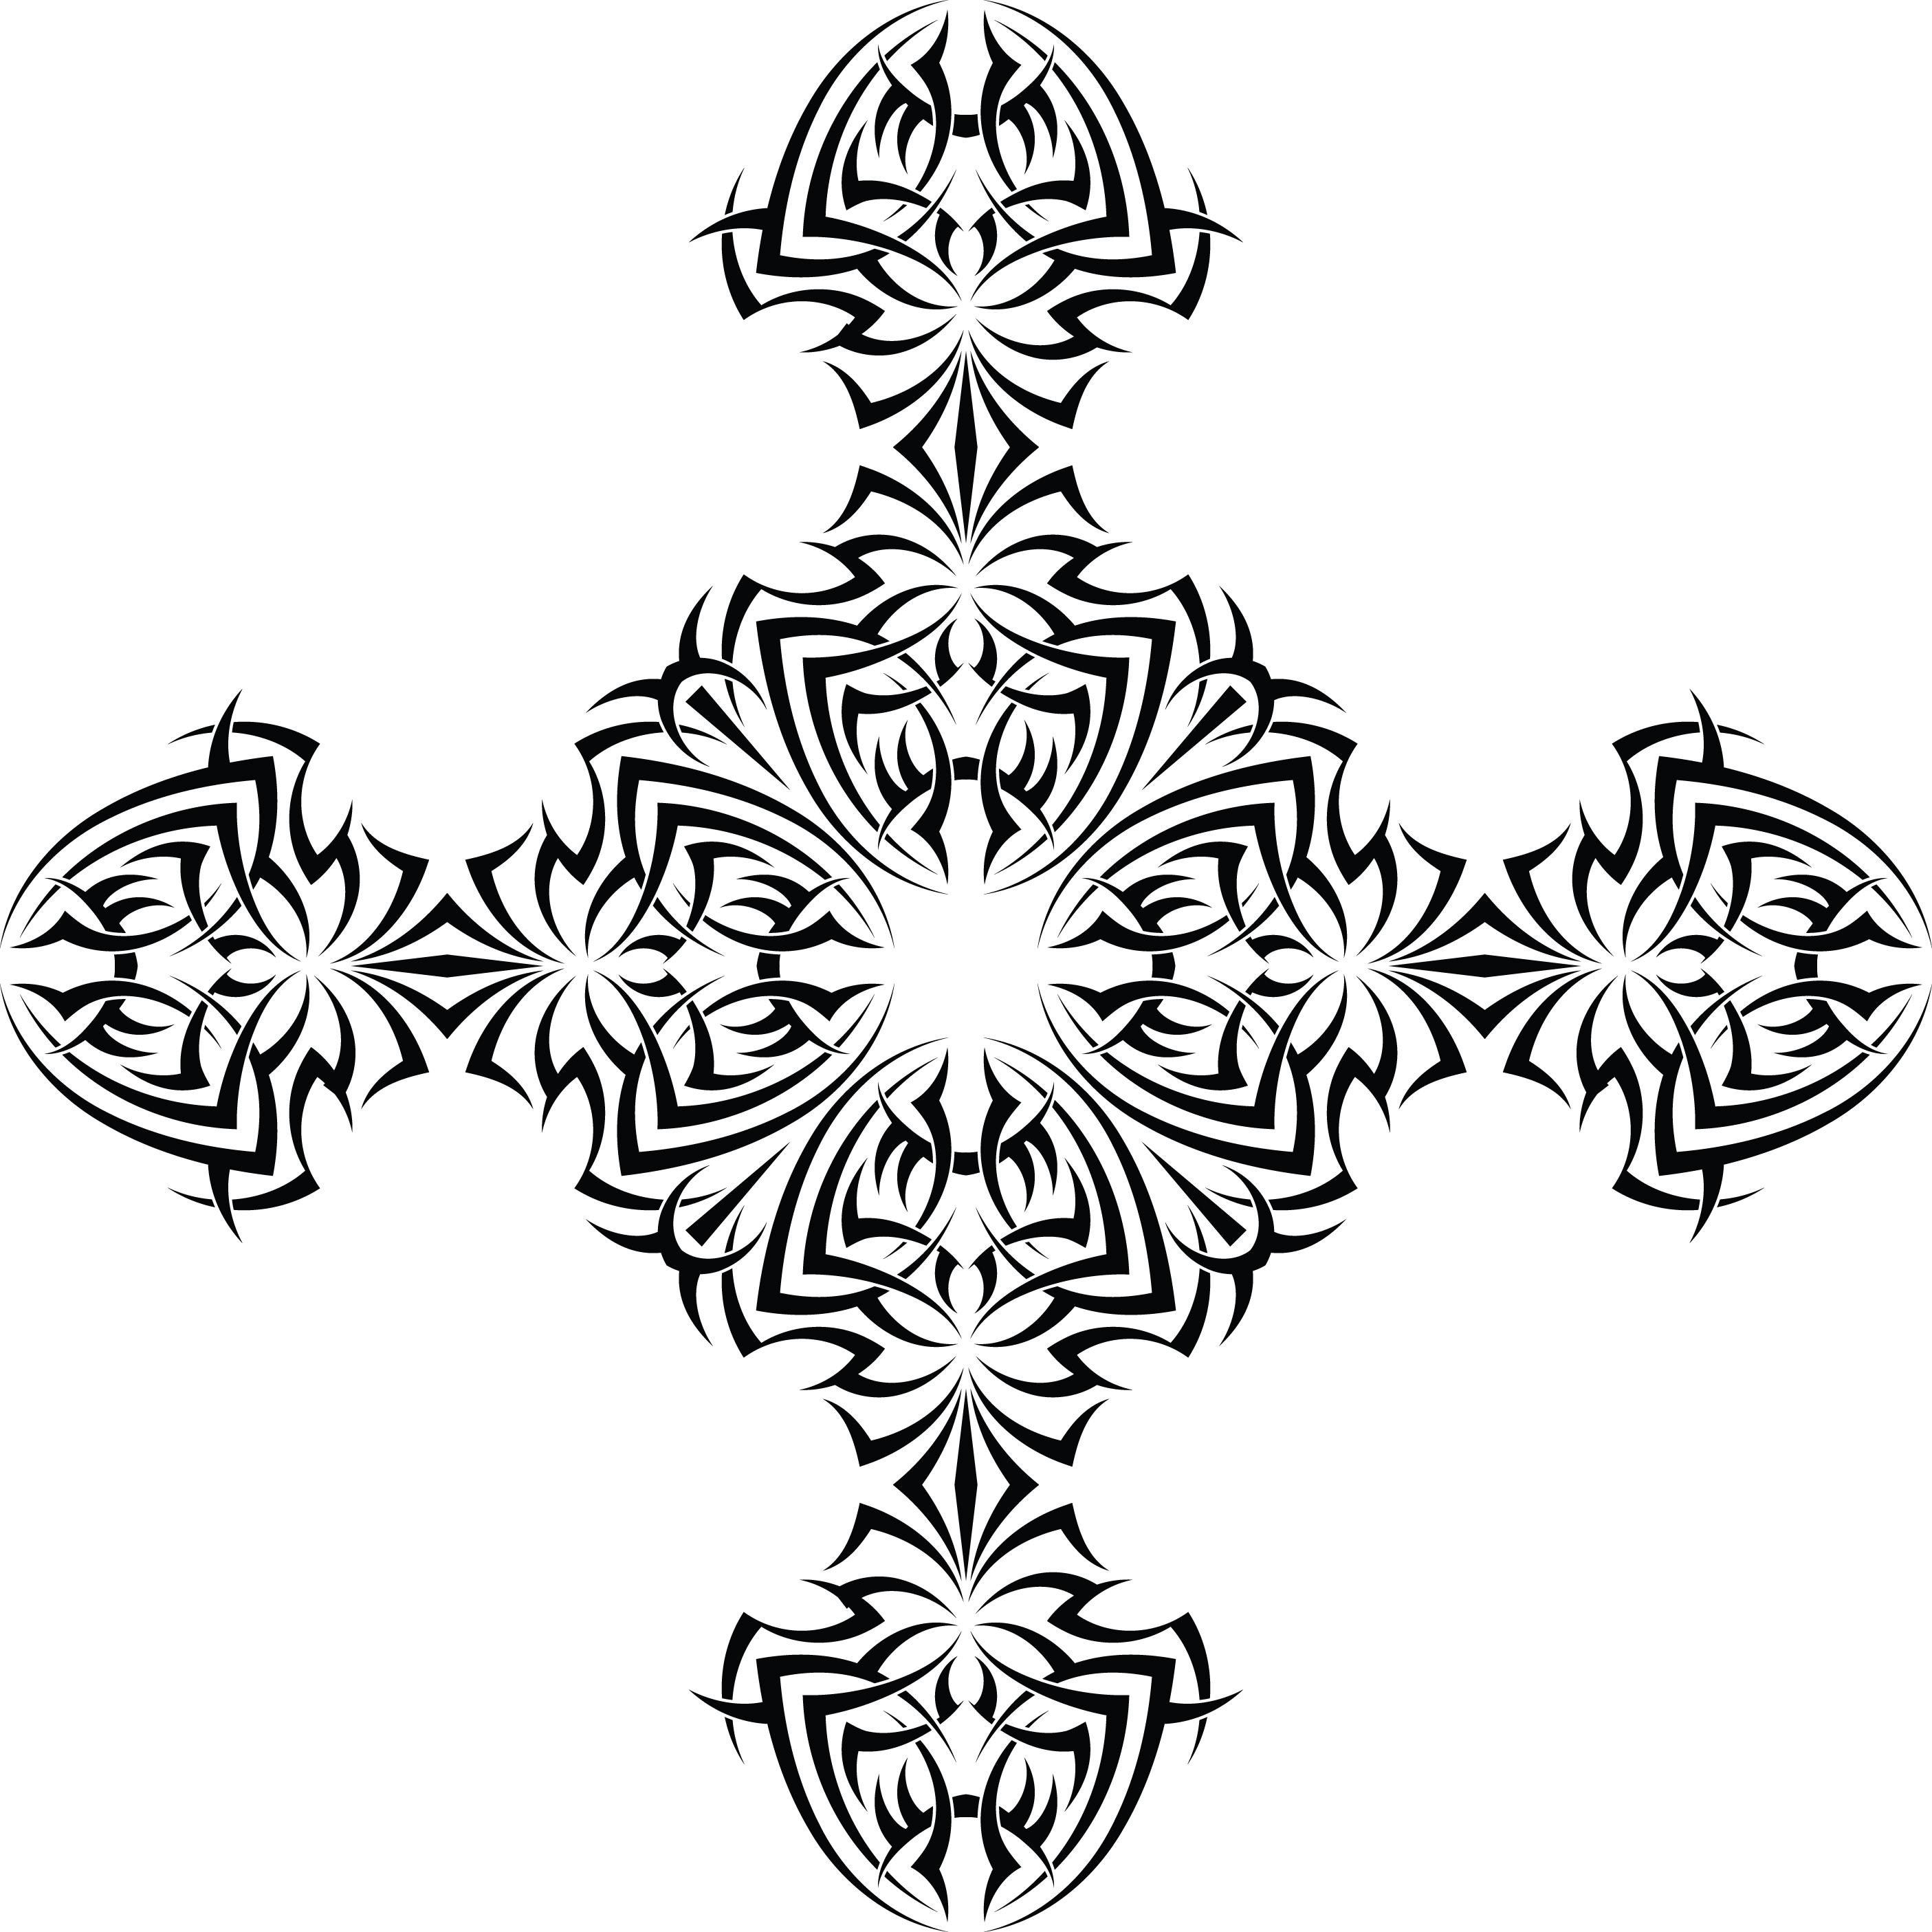 2810x2810 Cross Tattoos For Men